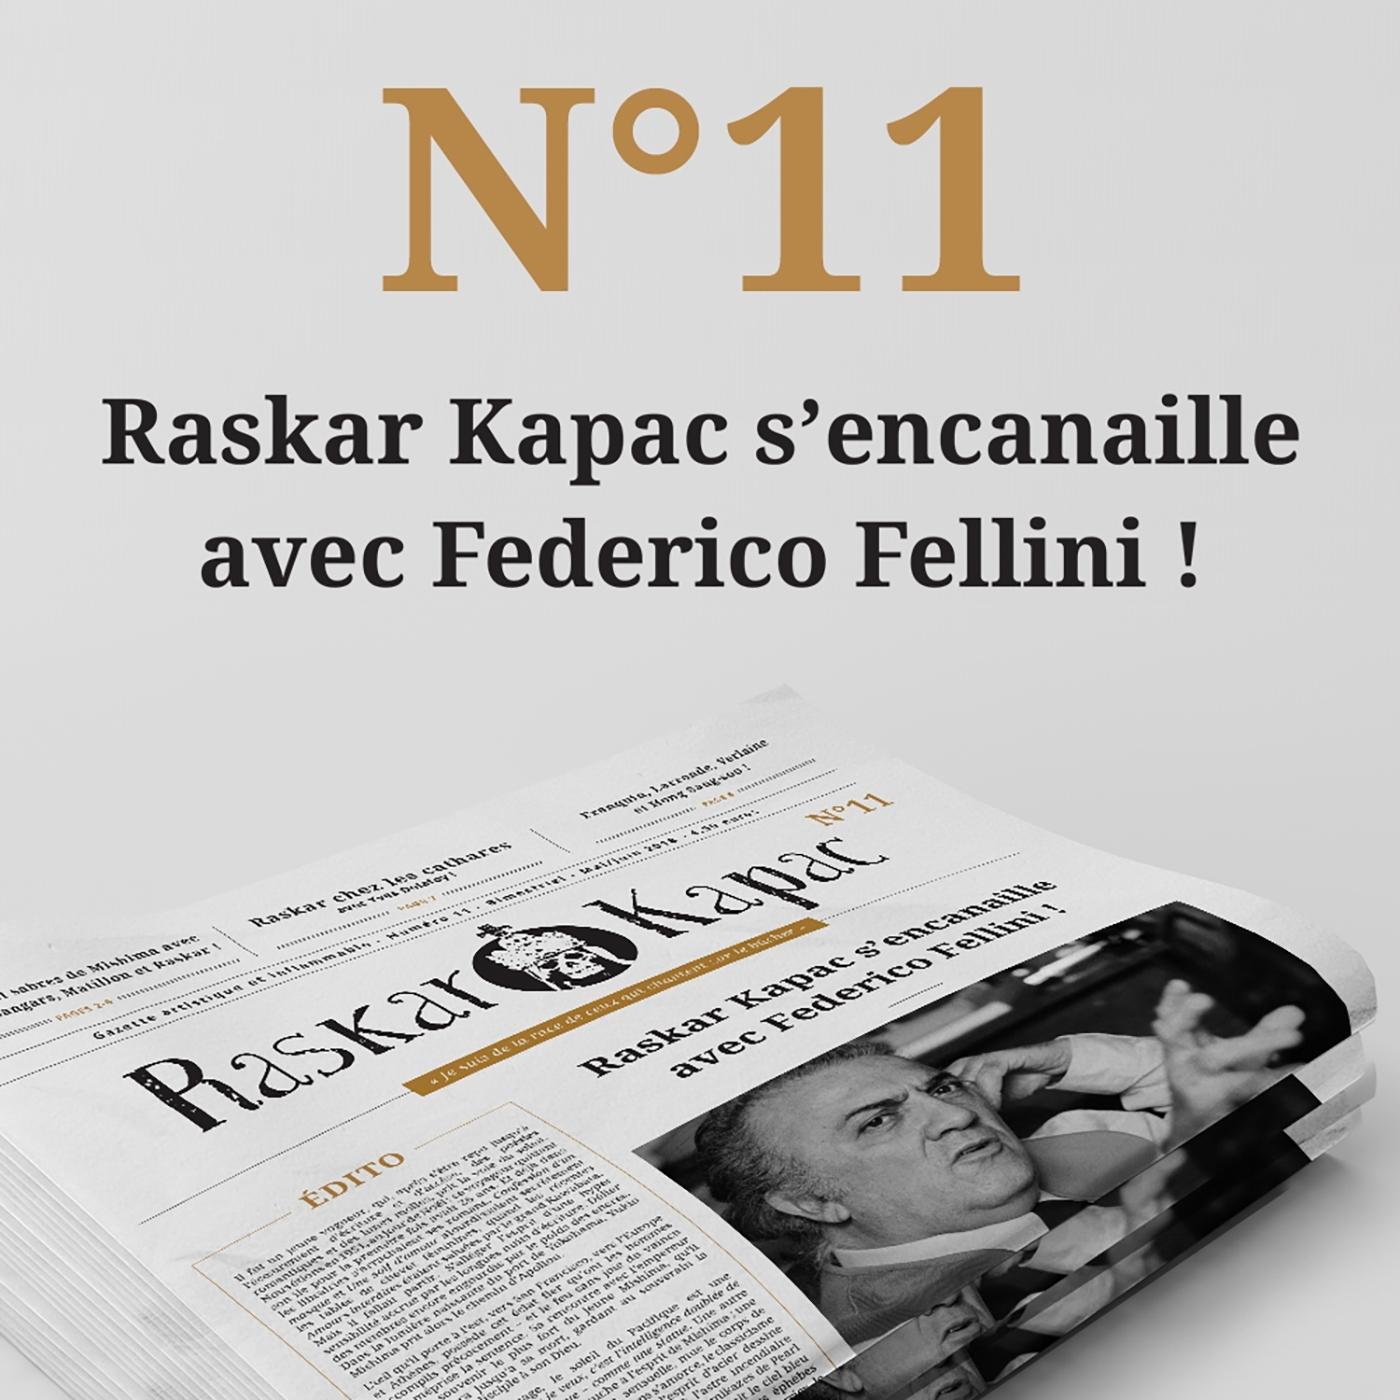 RASKAR KAPAC N  11